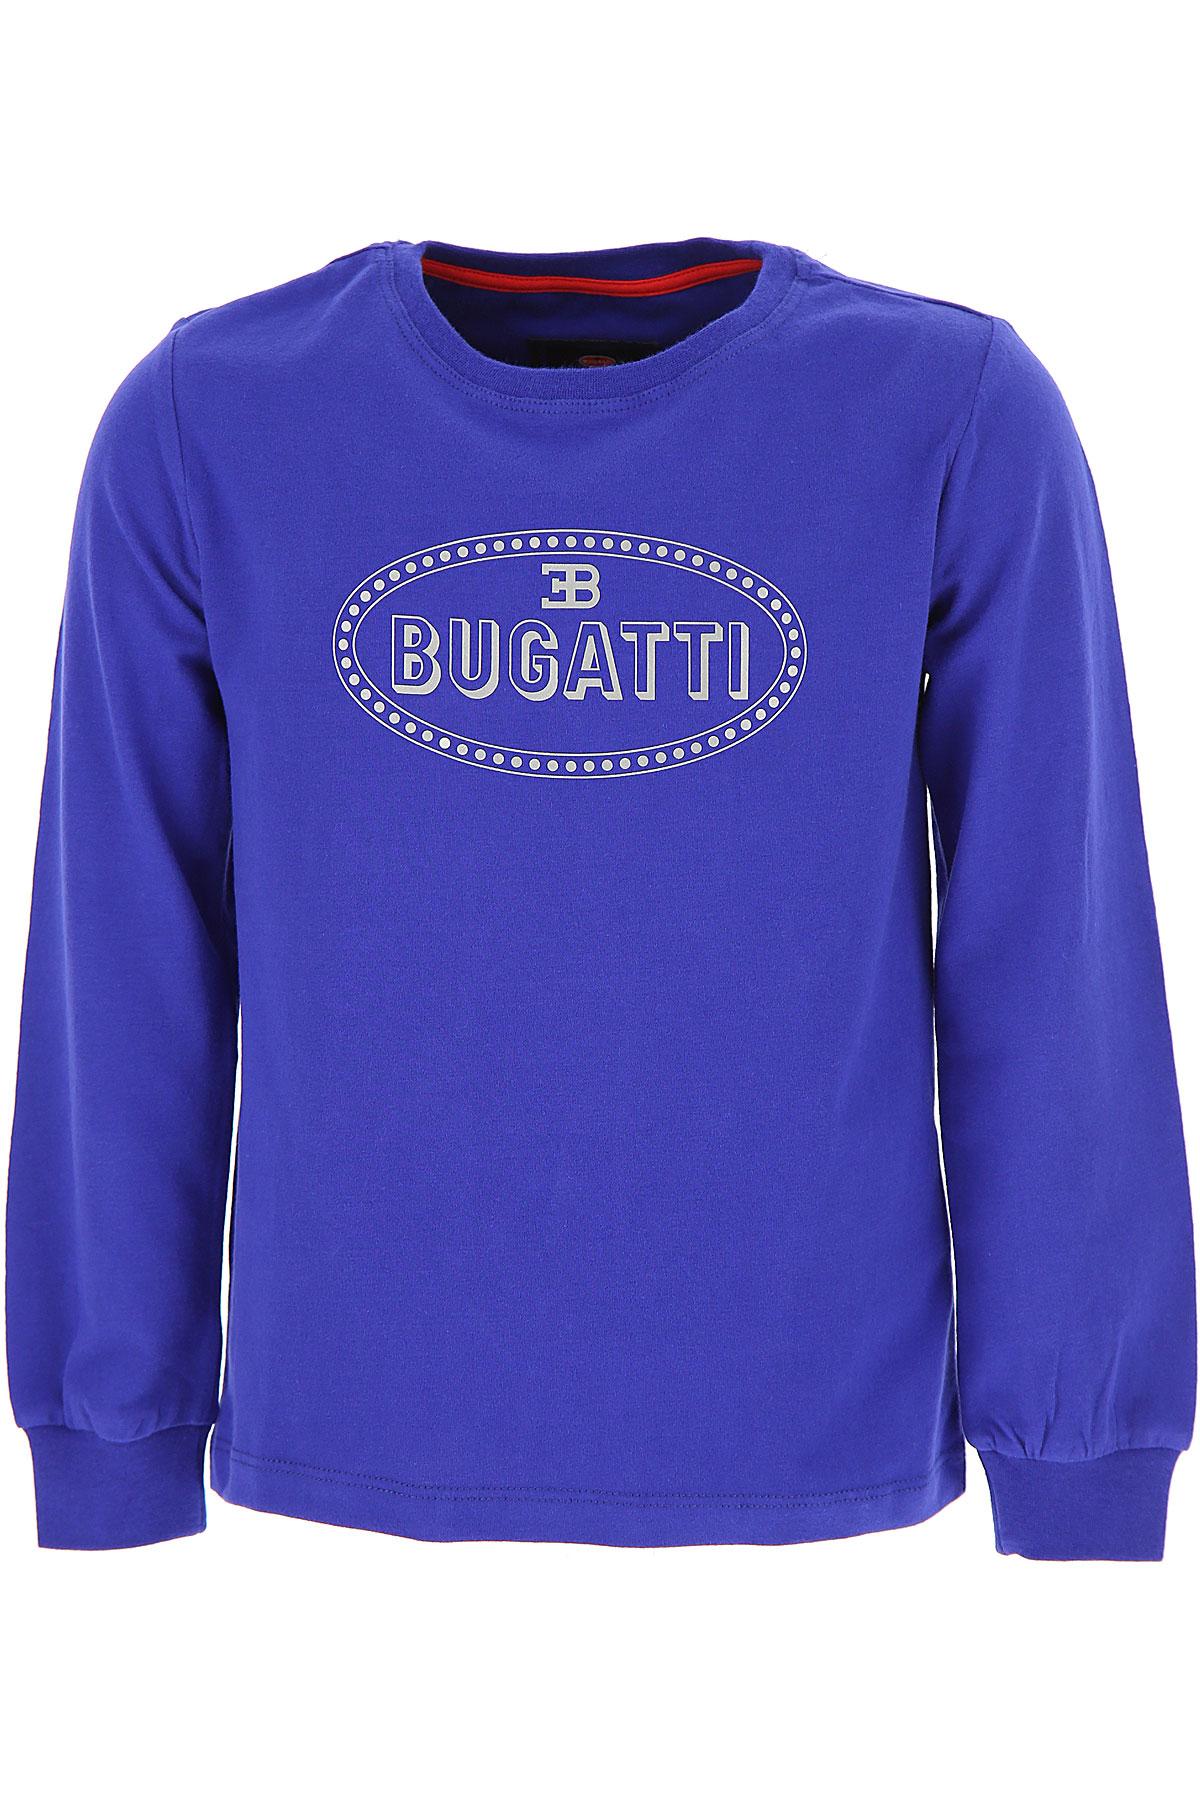 Image of Bugatti Kids T-Shirt for Boys, Bluette, Cotton, 2017, 2Y 3Y 4Y 6Y 7Y